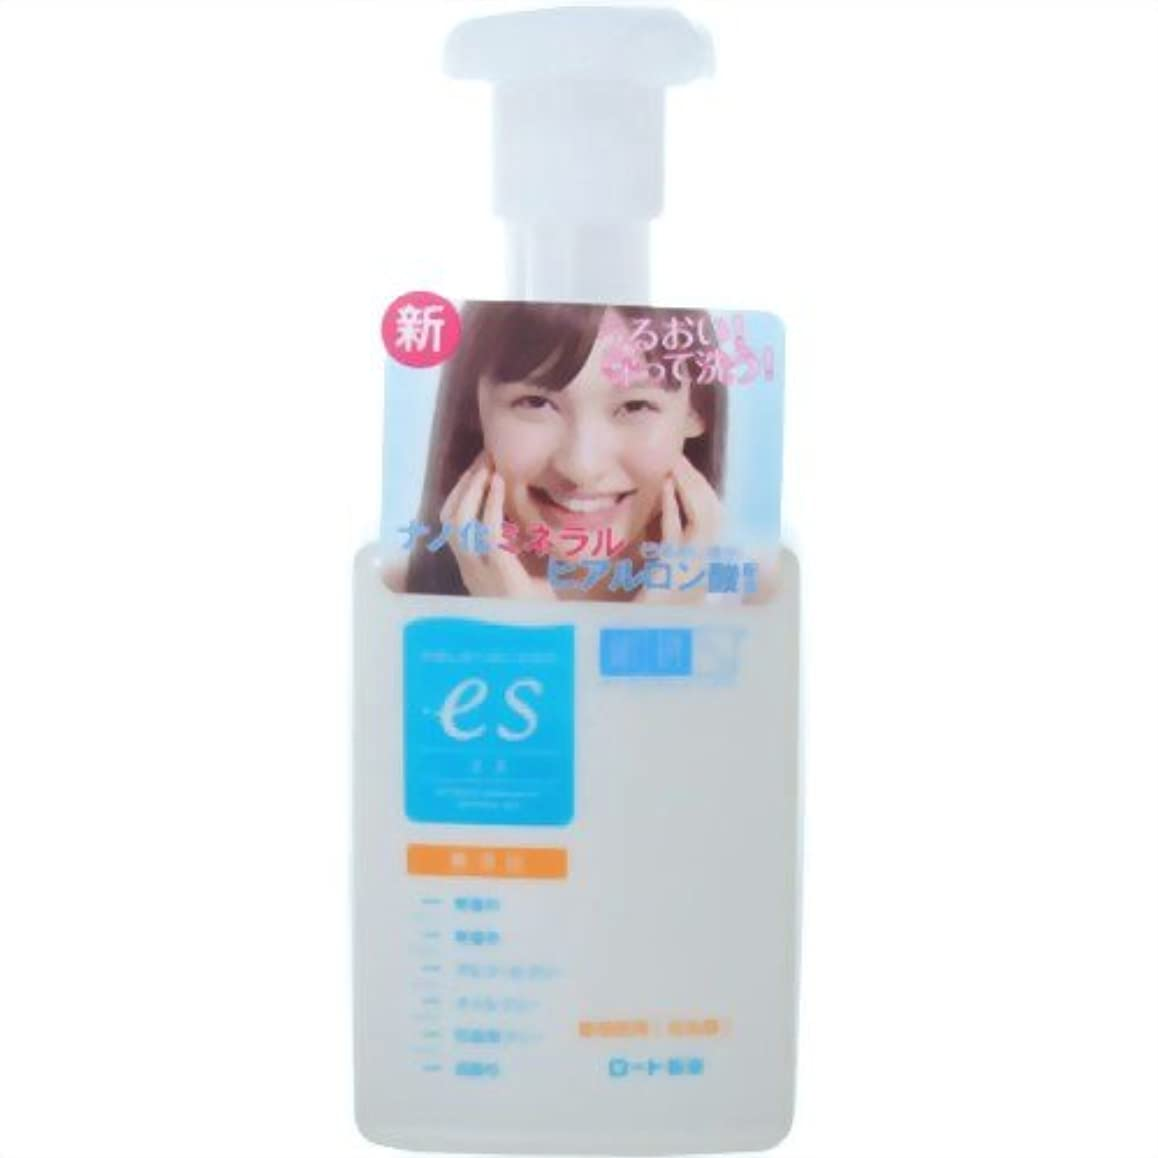 支給心臓ケーキ肌ラボ es(エス)ナノ化ミネラルヒアルロン酸配合 無添加処方 洗顔泡タイプ 160ml